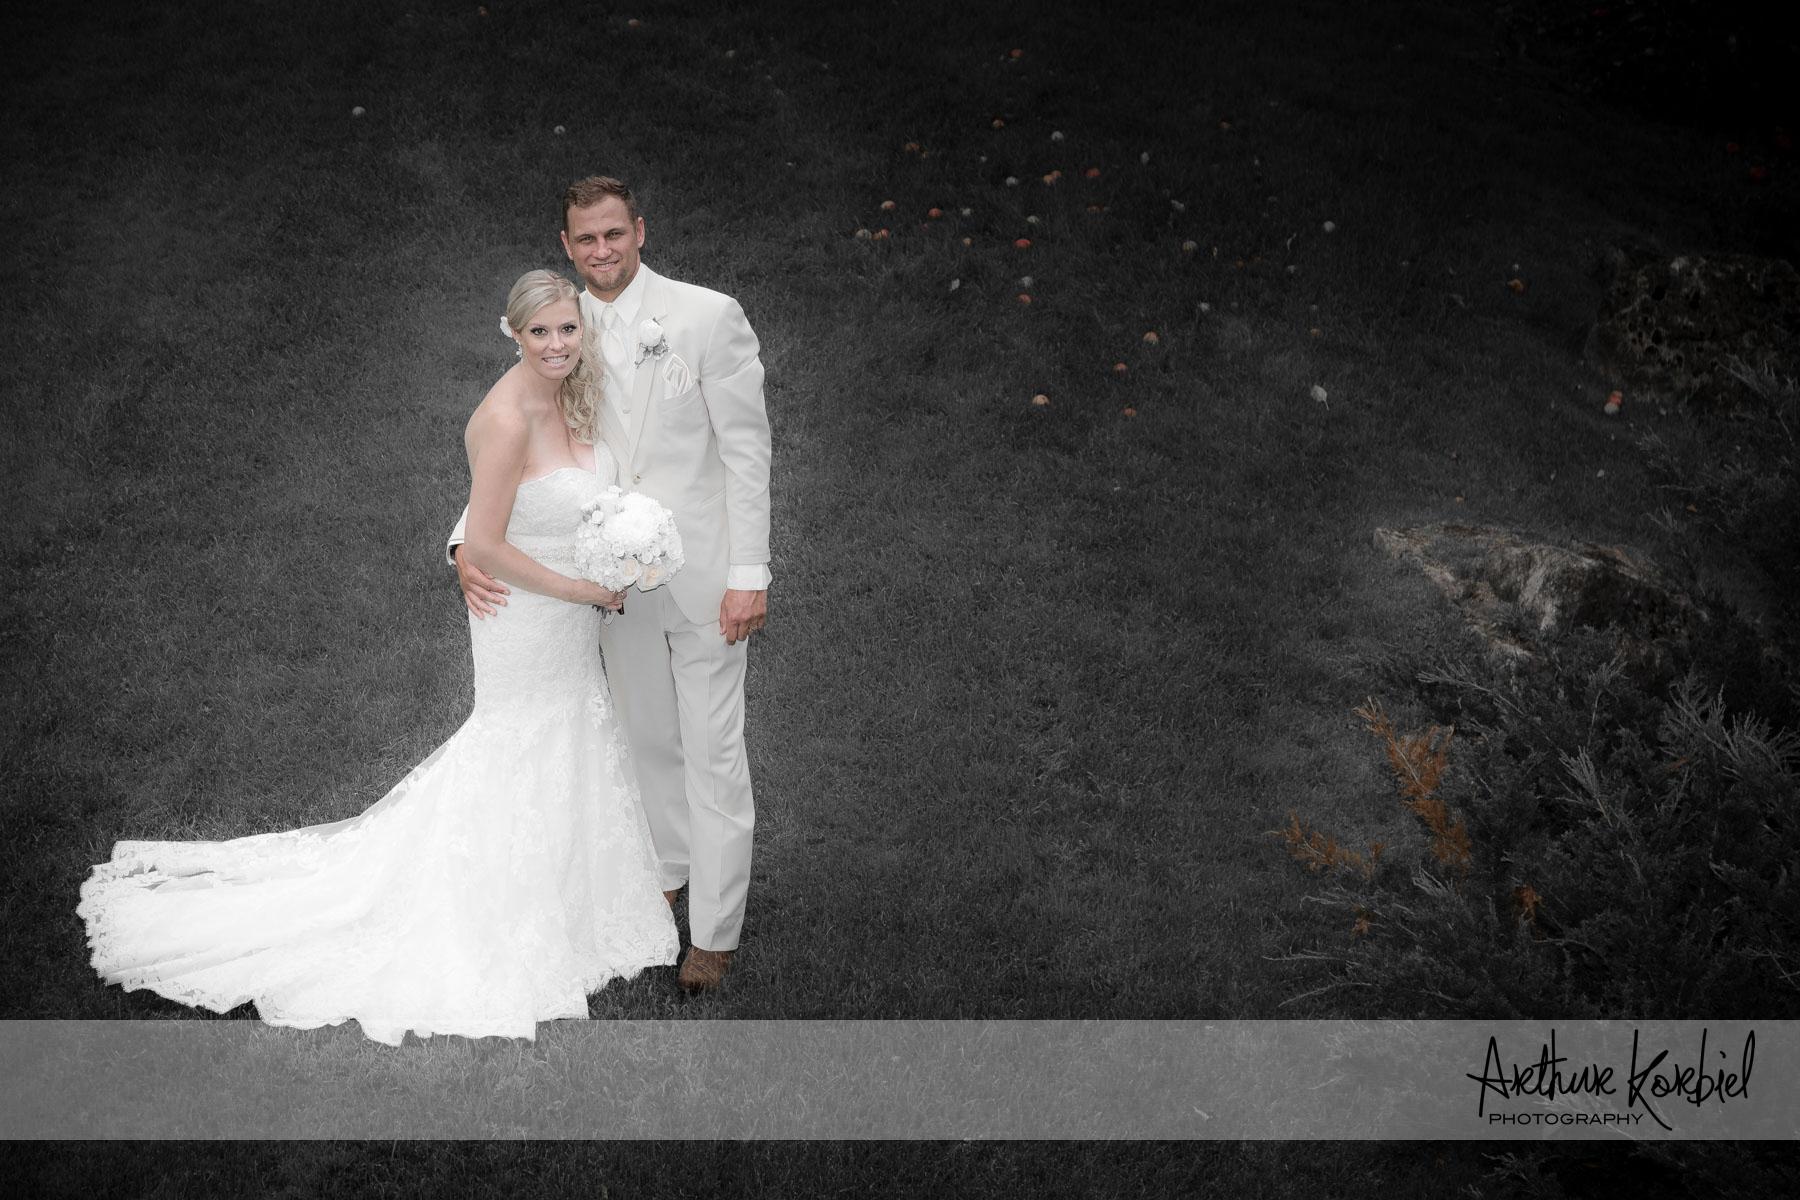 Arthur Korbiel Photography - London Wedding Photographer-039.jpg